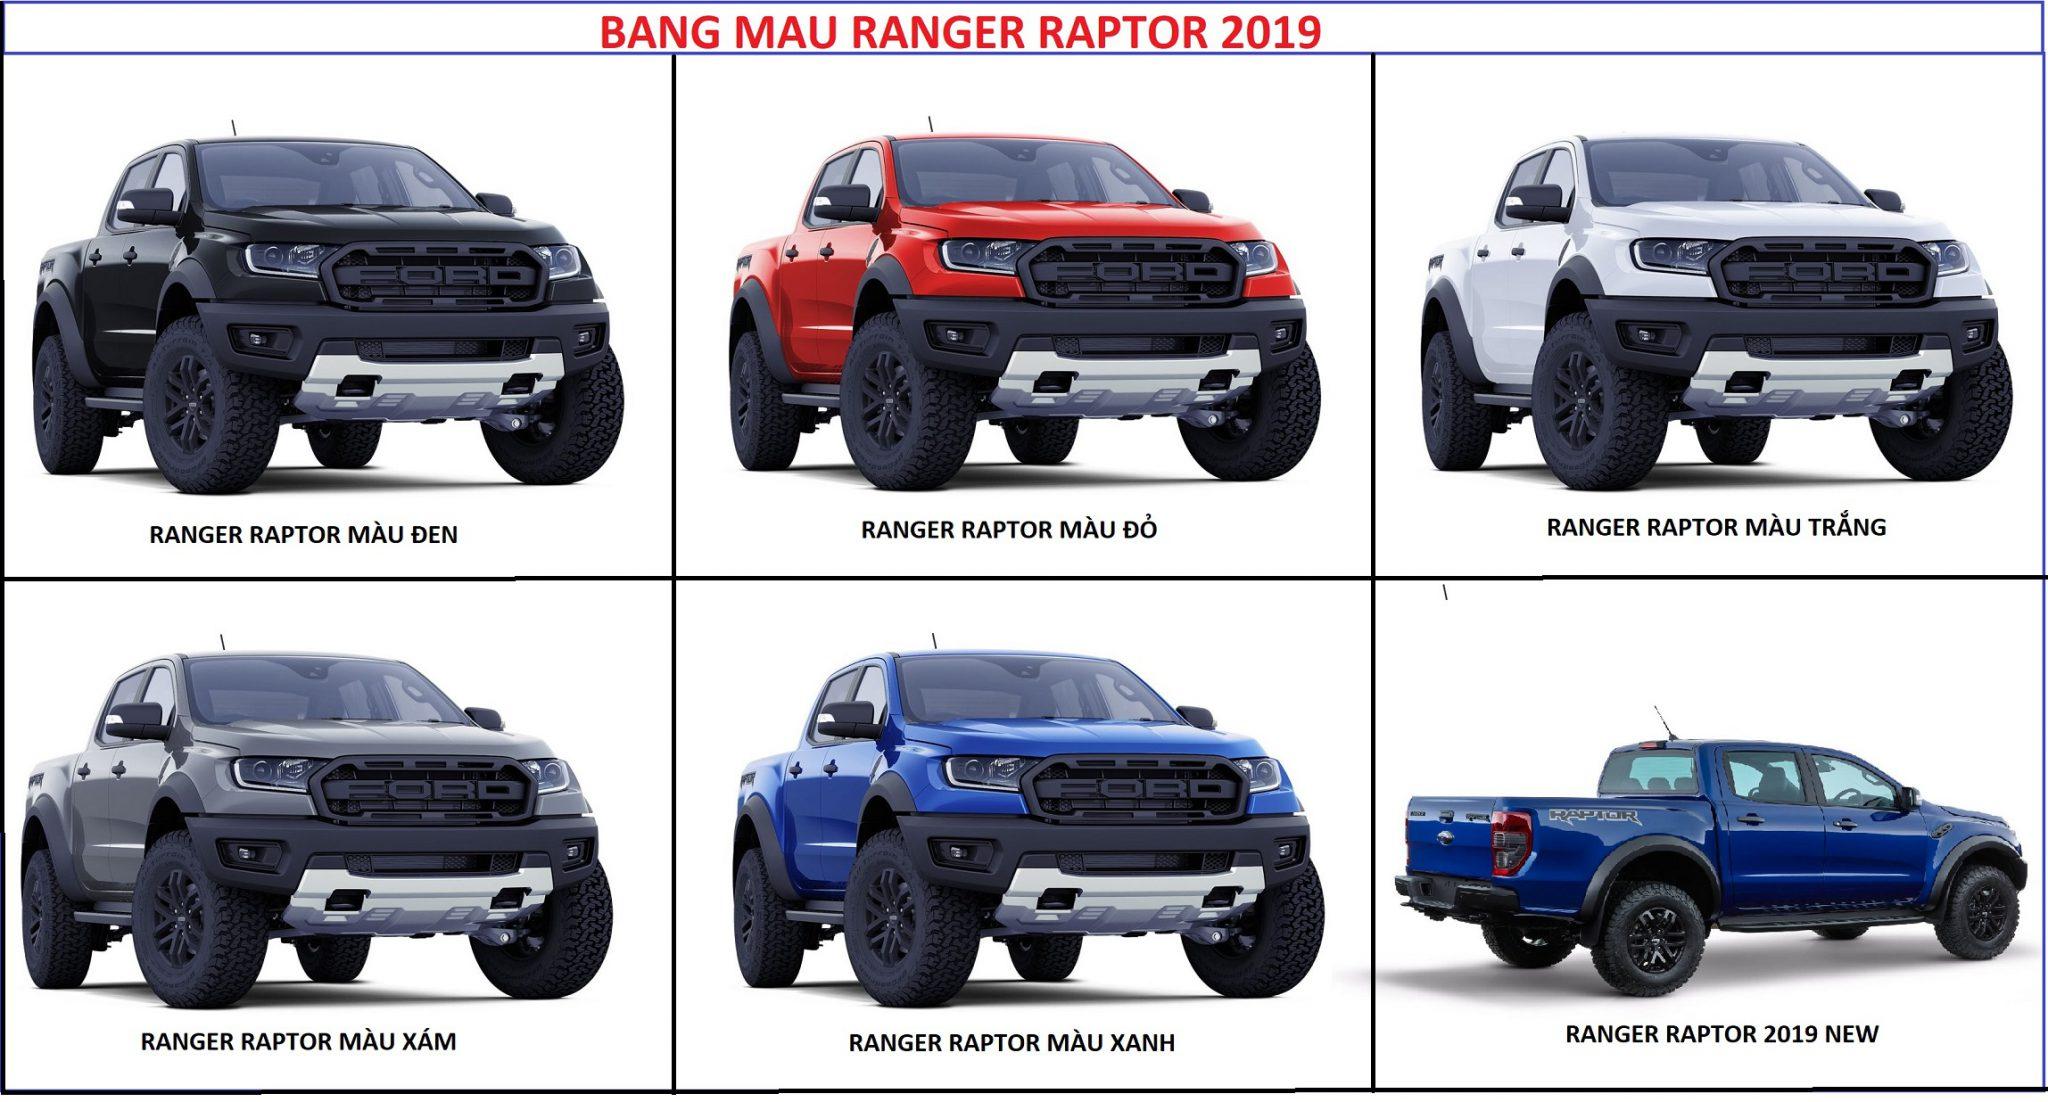 Bang mau ford ranger raptor 2019 - Ford Ranger Raptor [hienthinam]: thông số, giá xe & khuyến mãi tháng [hienthithang]